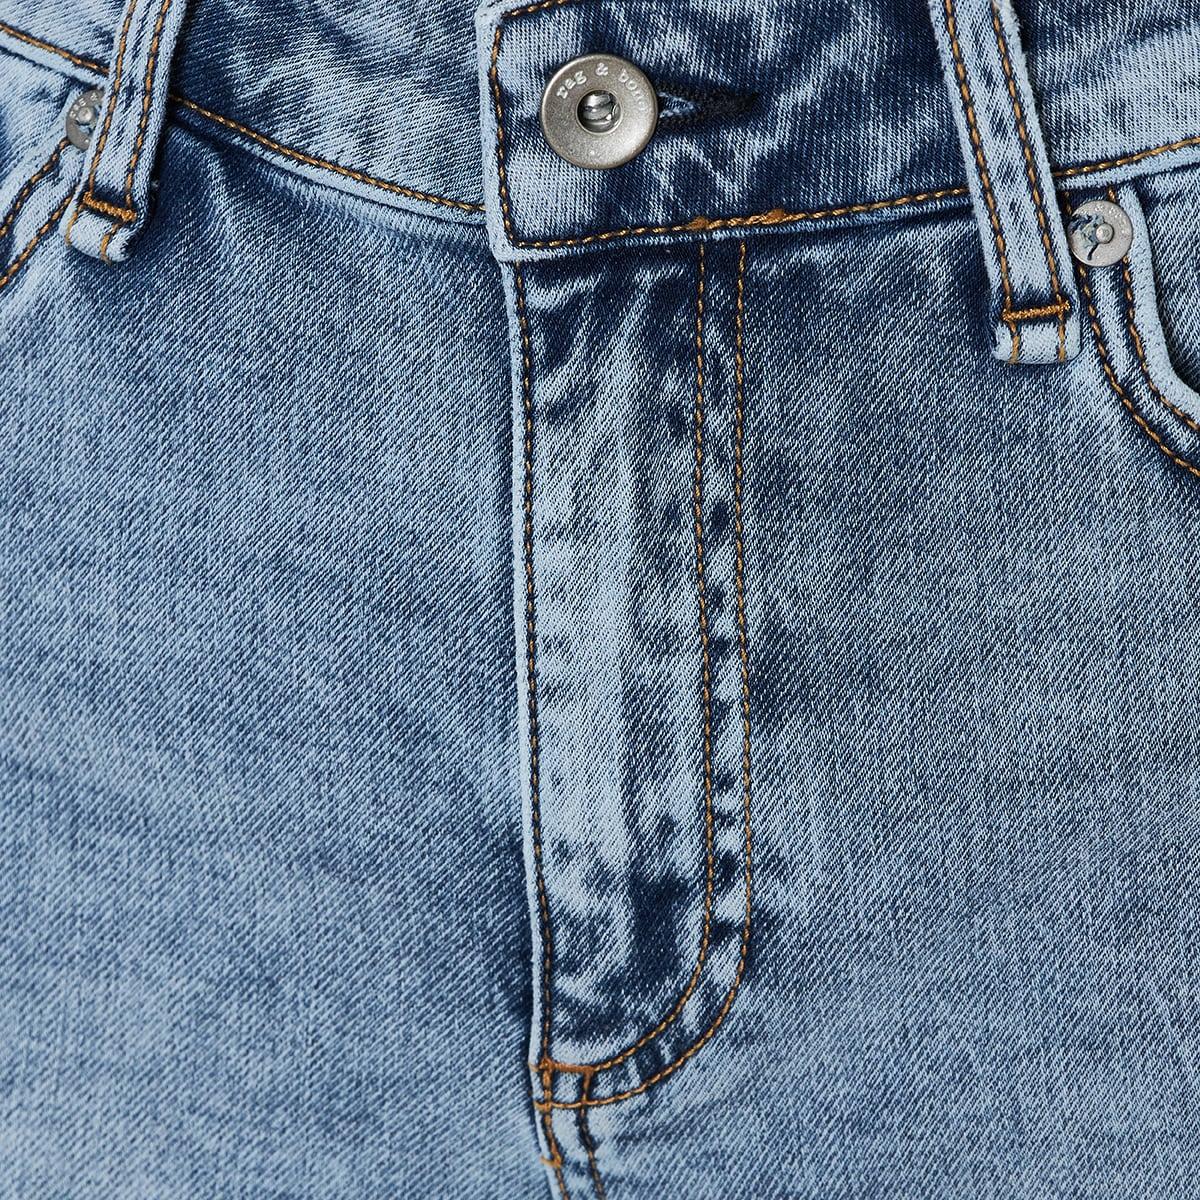 Dre denim shorts